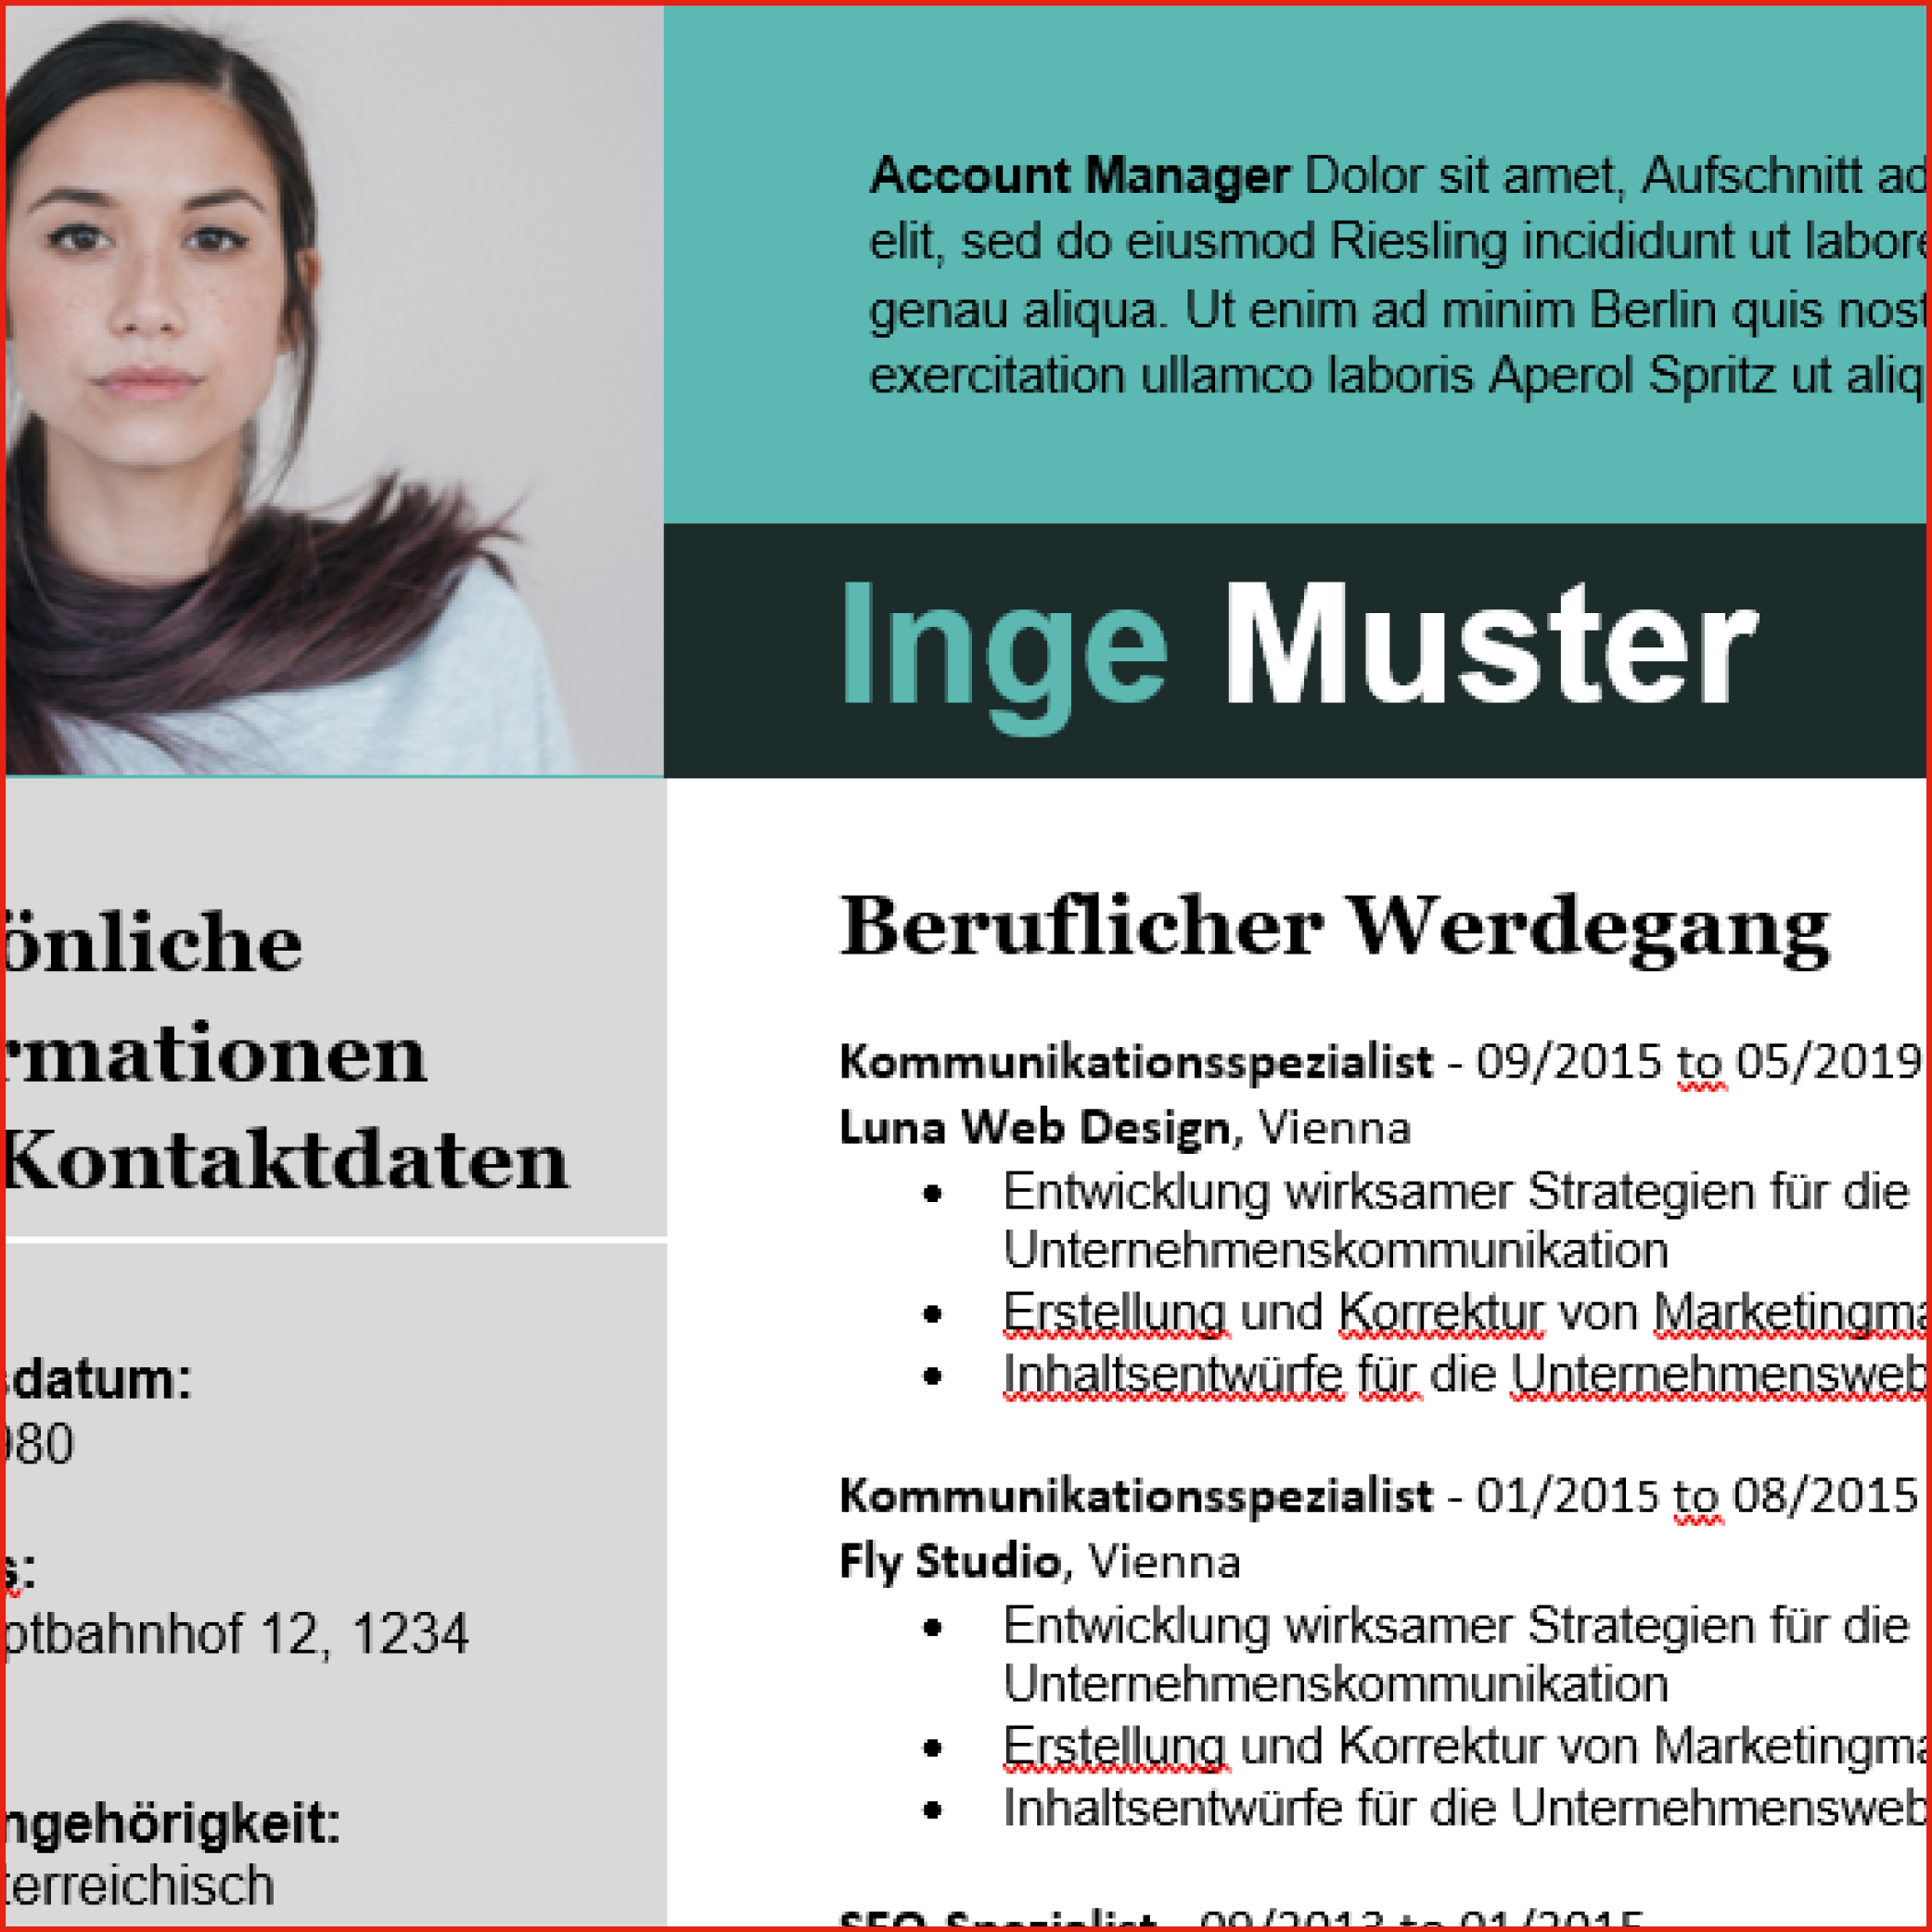 In dieser CV-Vorlage ist die Biographie über dem Namen anzufinden - linksbündig: das Bild und persönliche Informationen